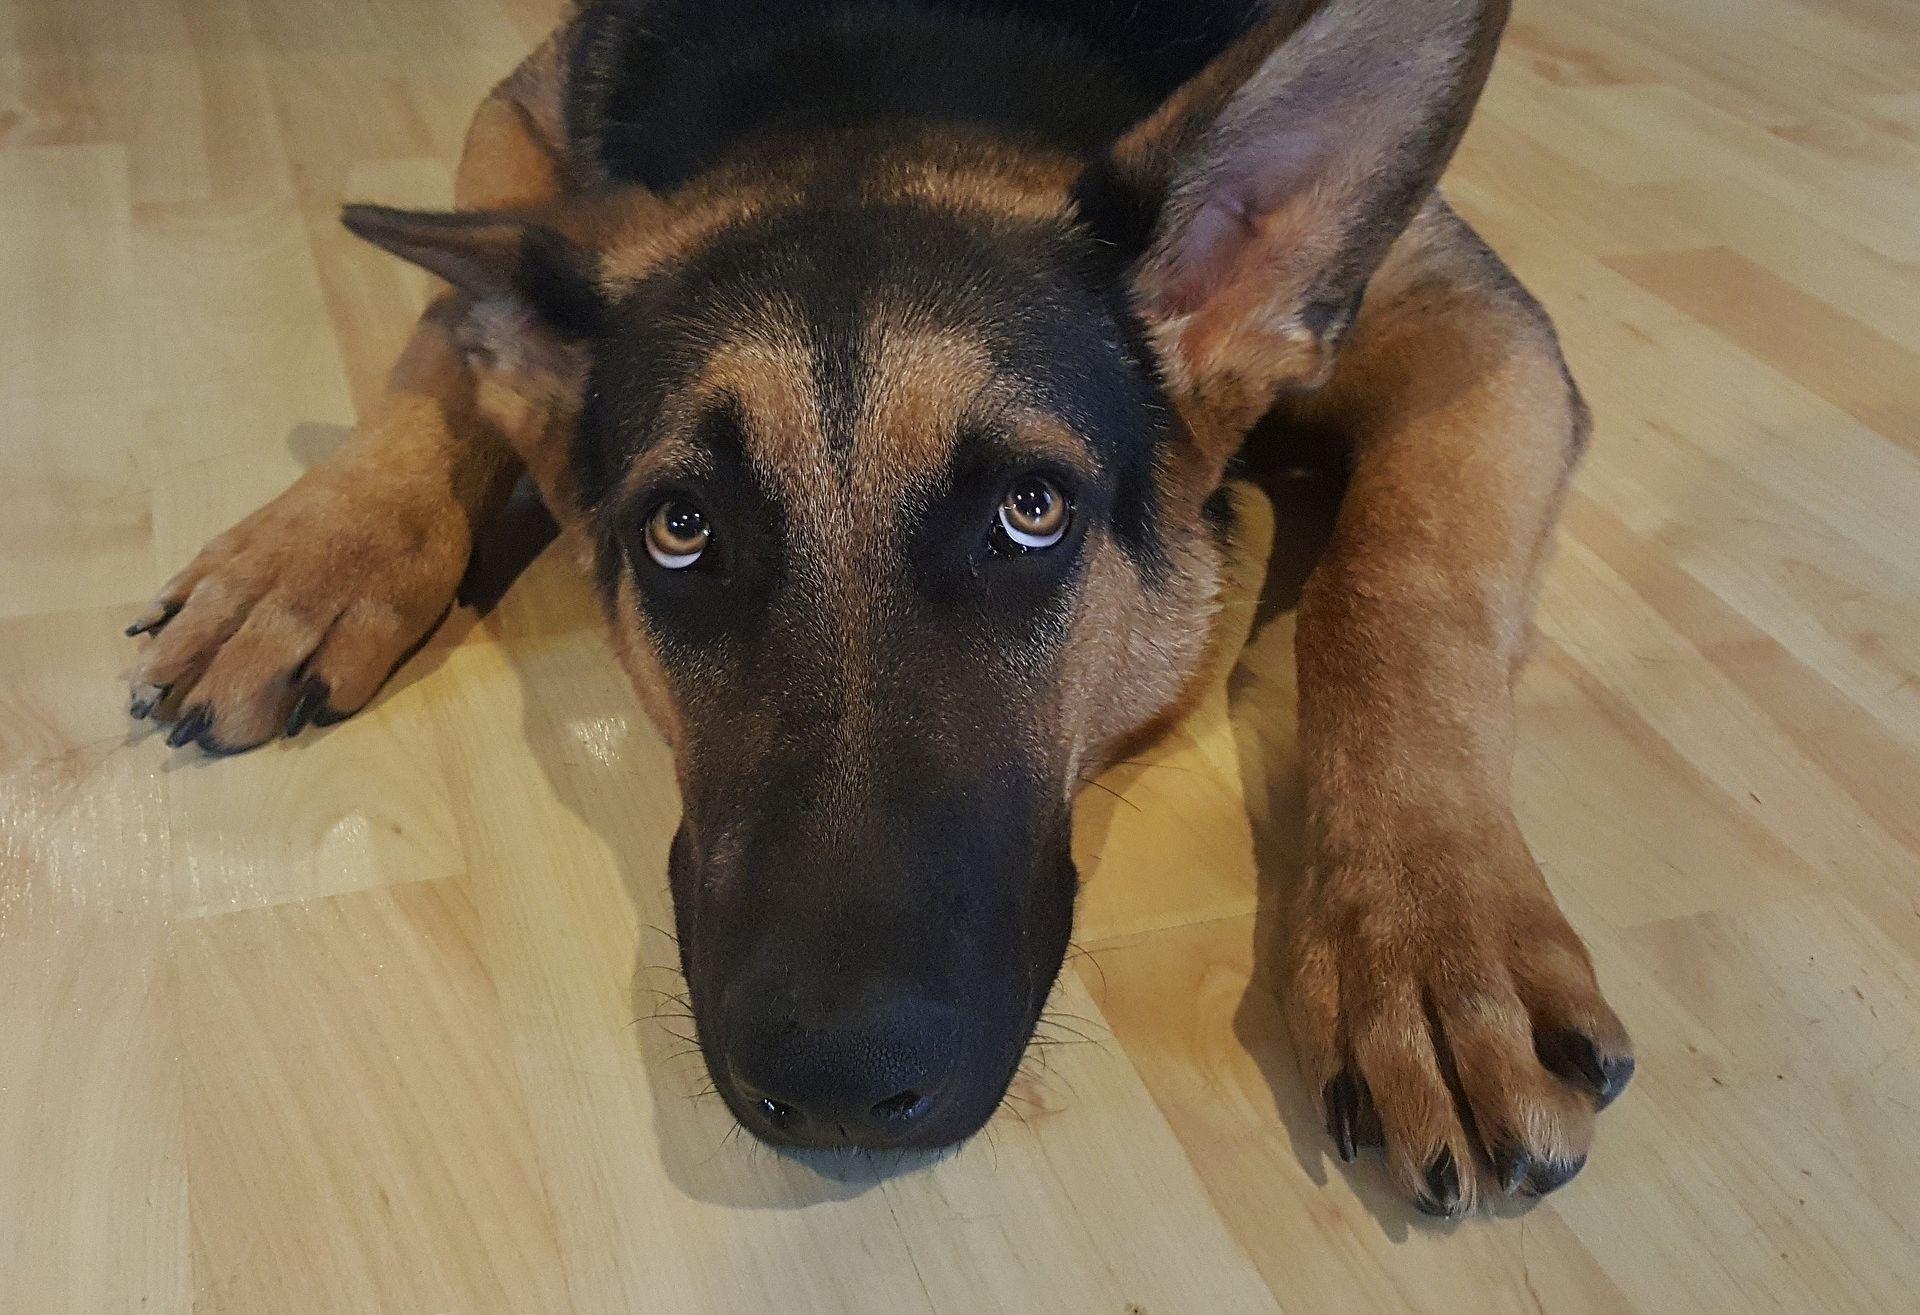 Sklonište za nezbrinute životinje zbog pirotehnike s ulica sklonilo 21 psa